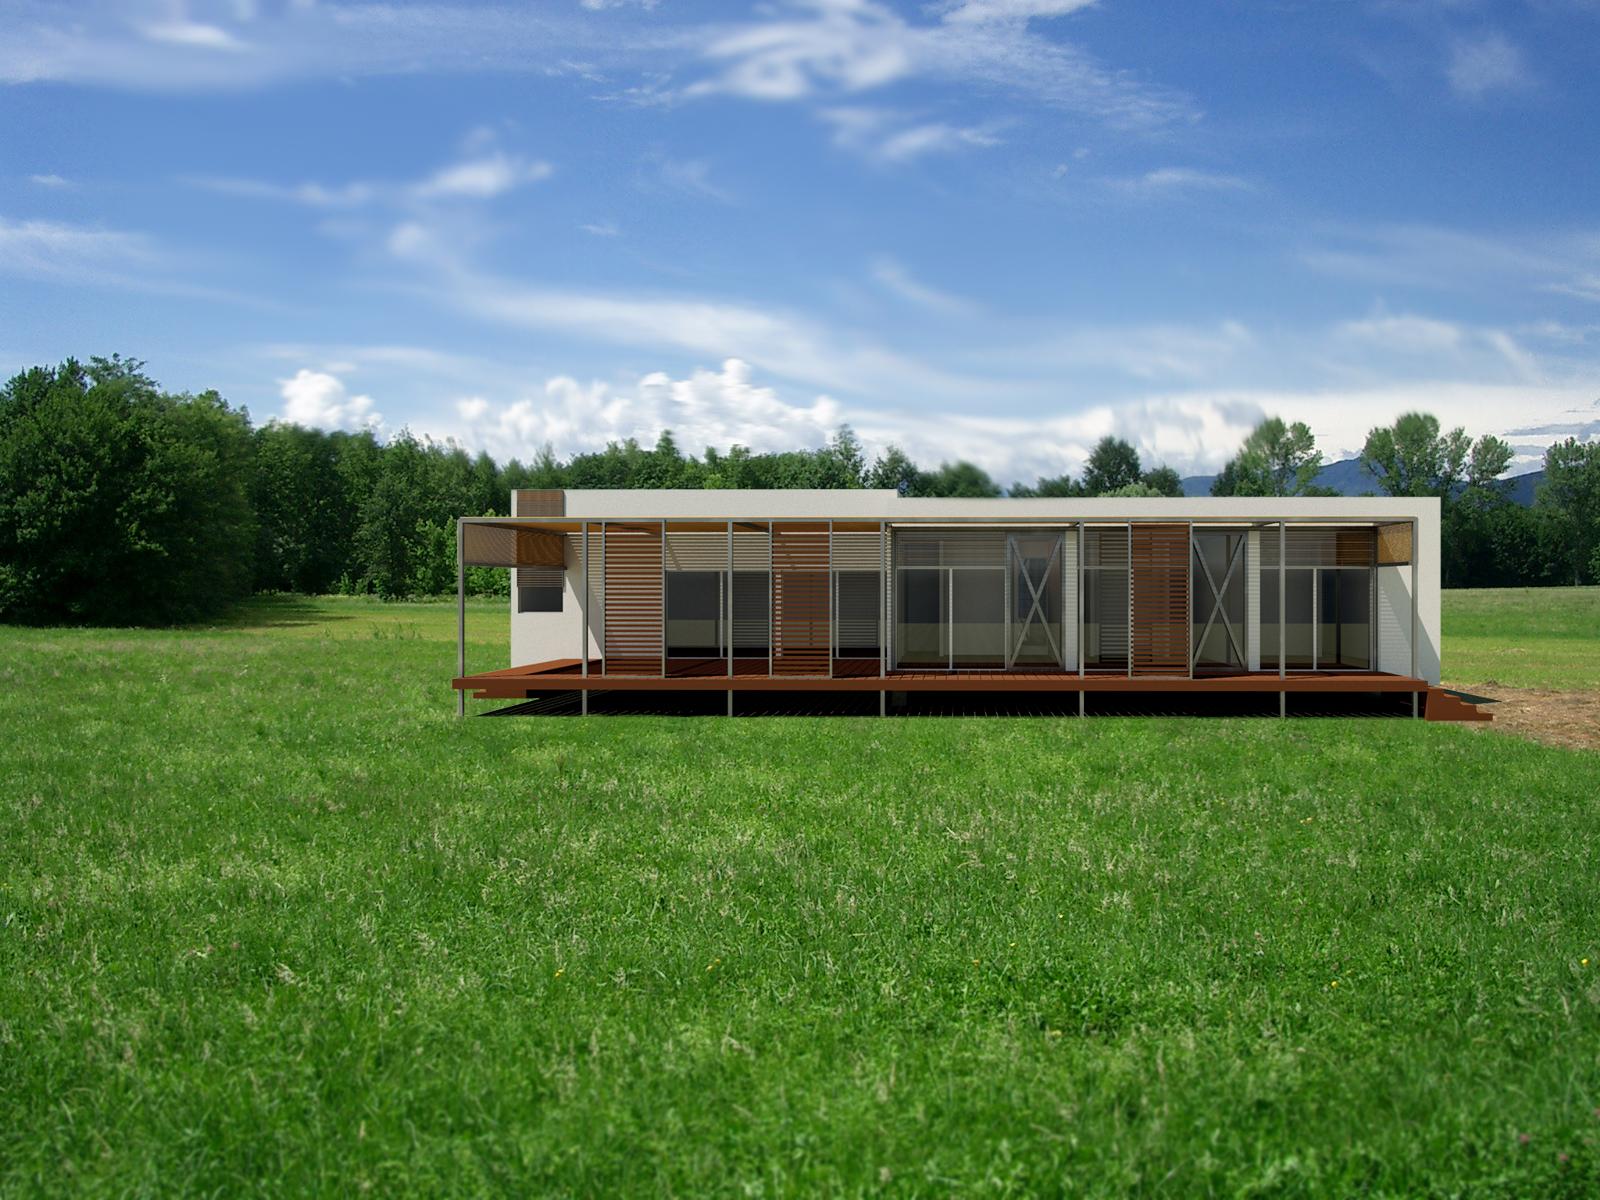 Casas prefabricadas de madera baratas y personalizables - Casas prefabricadas sostenibles ...